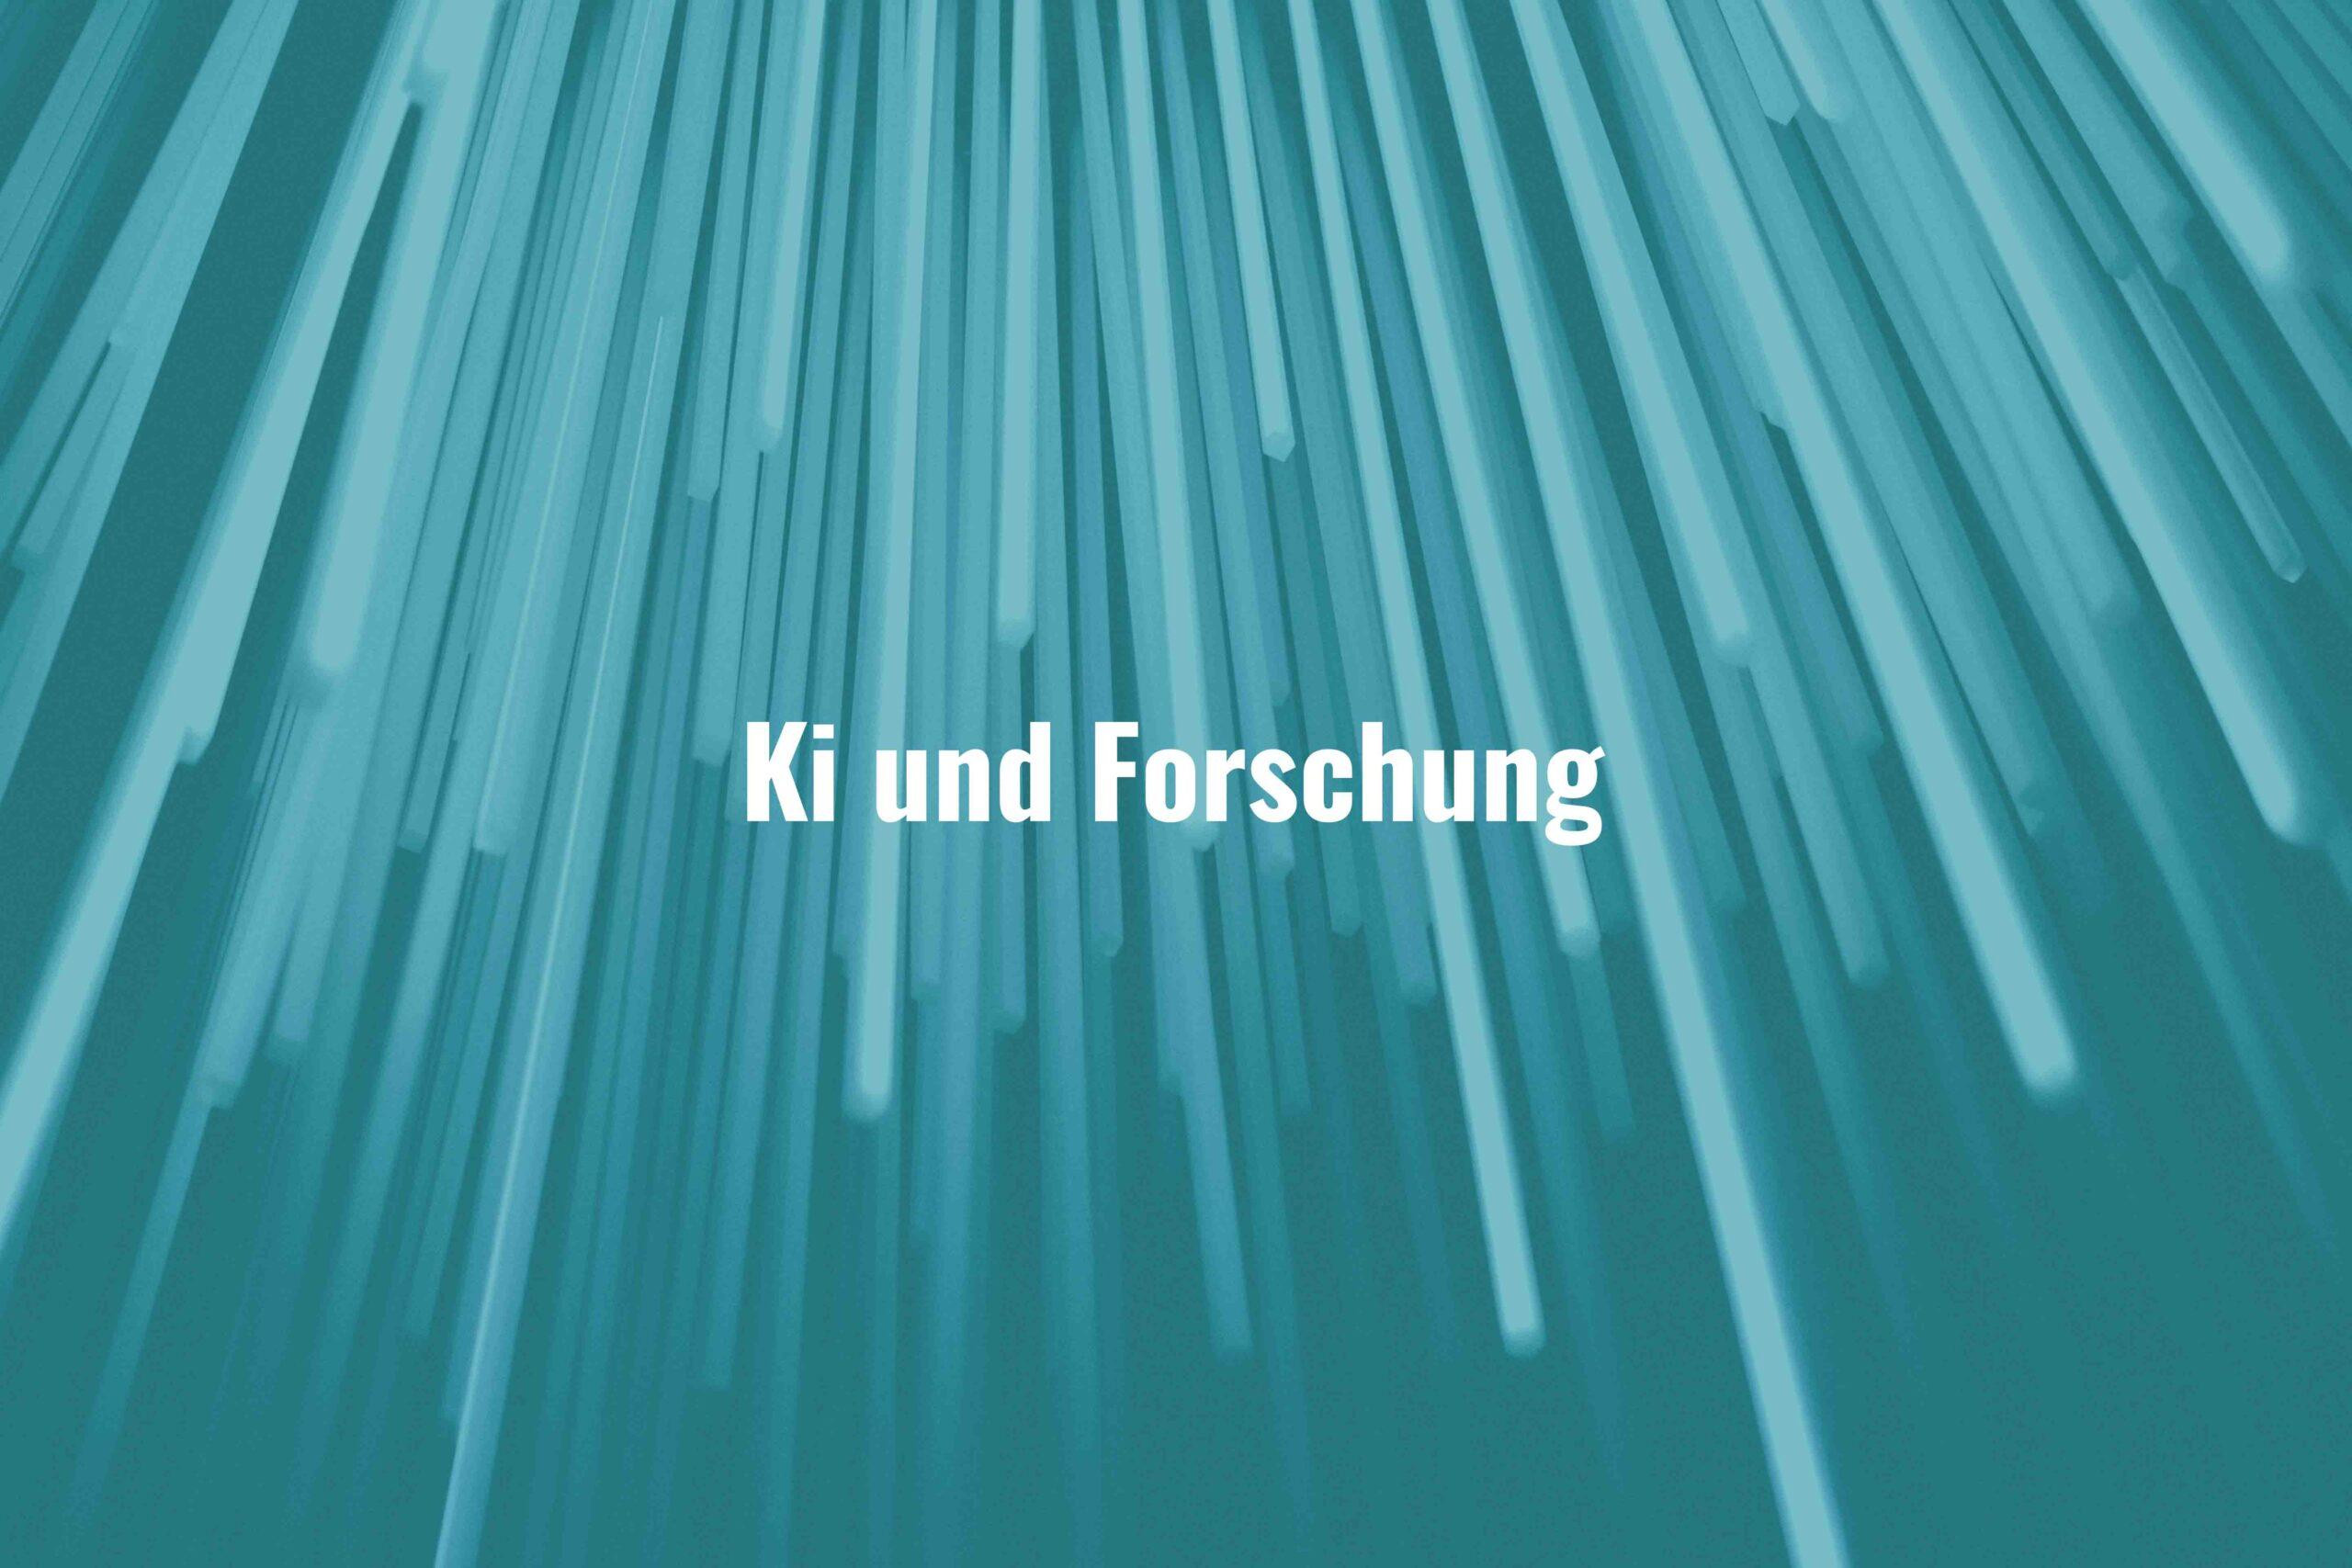 Header_KI_Forschung_ontolux_christopher-burns-Kj2SaNHG-hg-unsplash Kopie